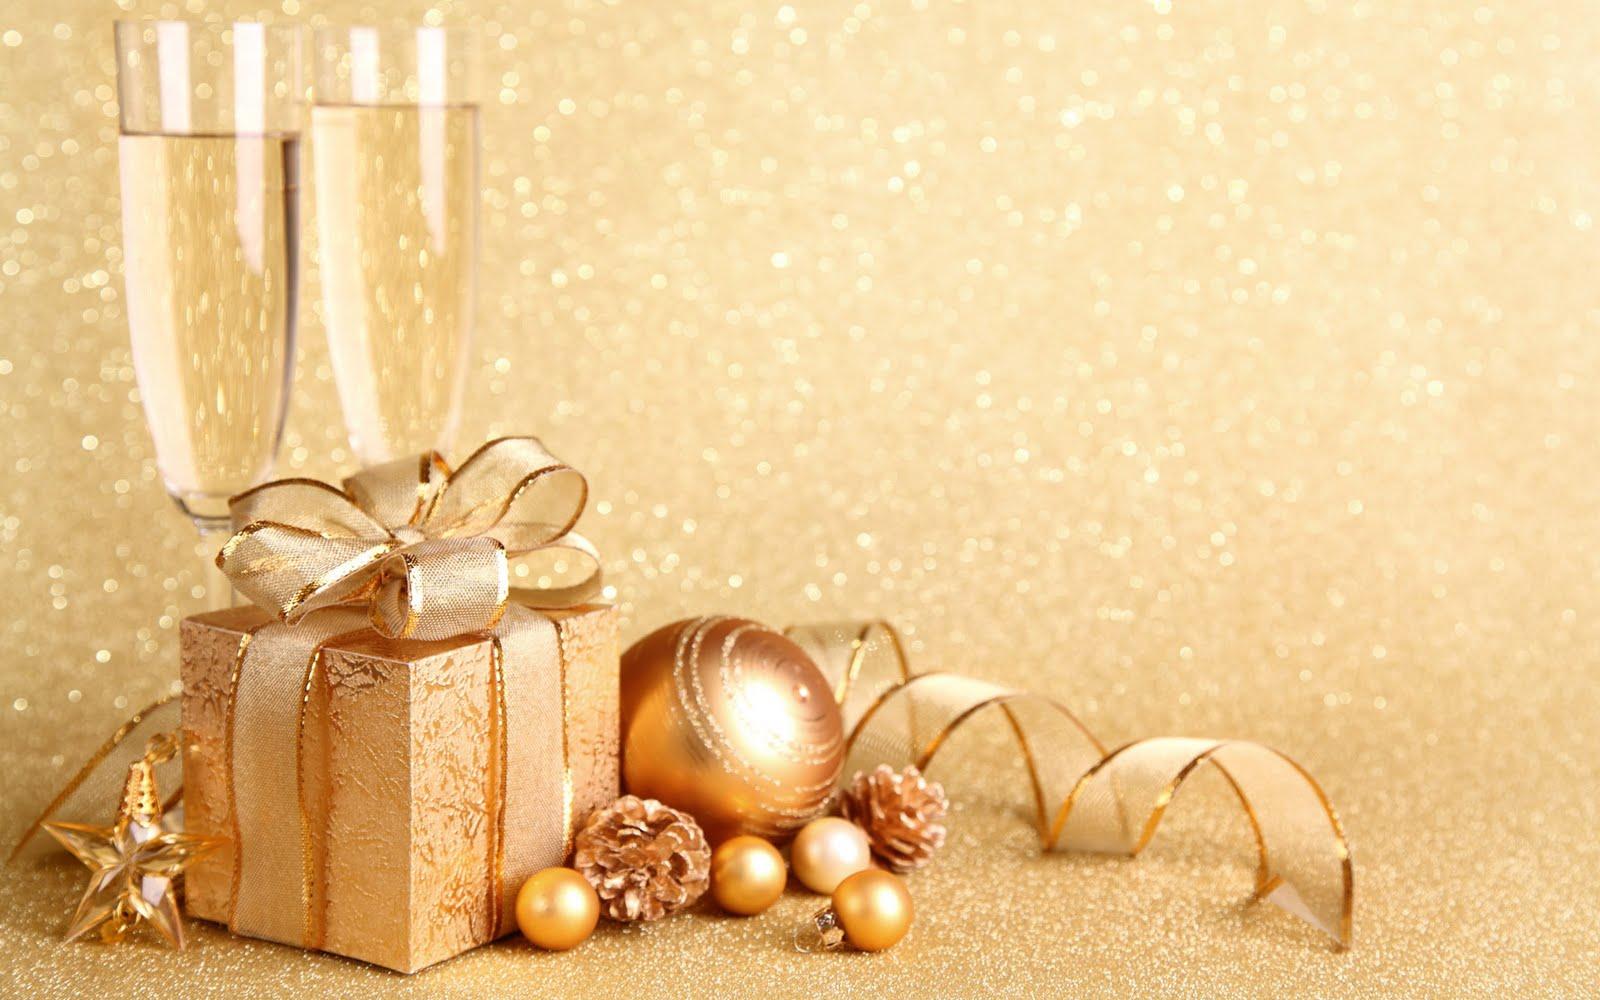 Imagem De Fundo   Prendinha E Bolas De Natal Em Tons Dourados